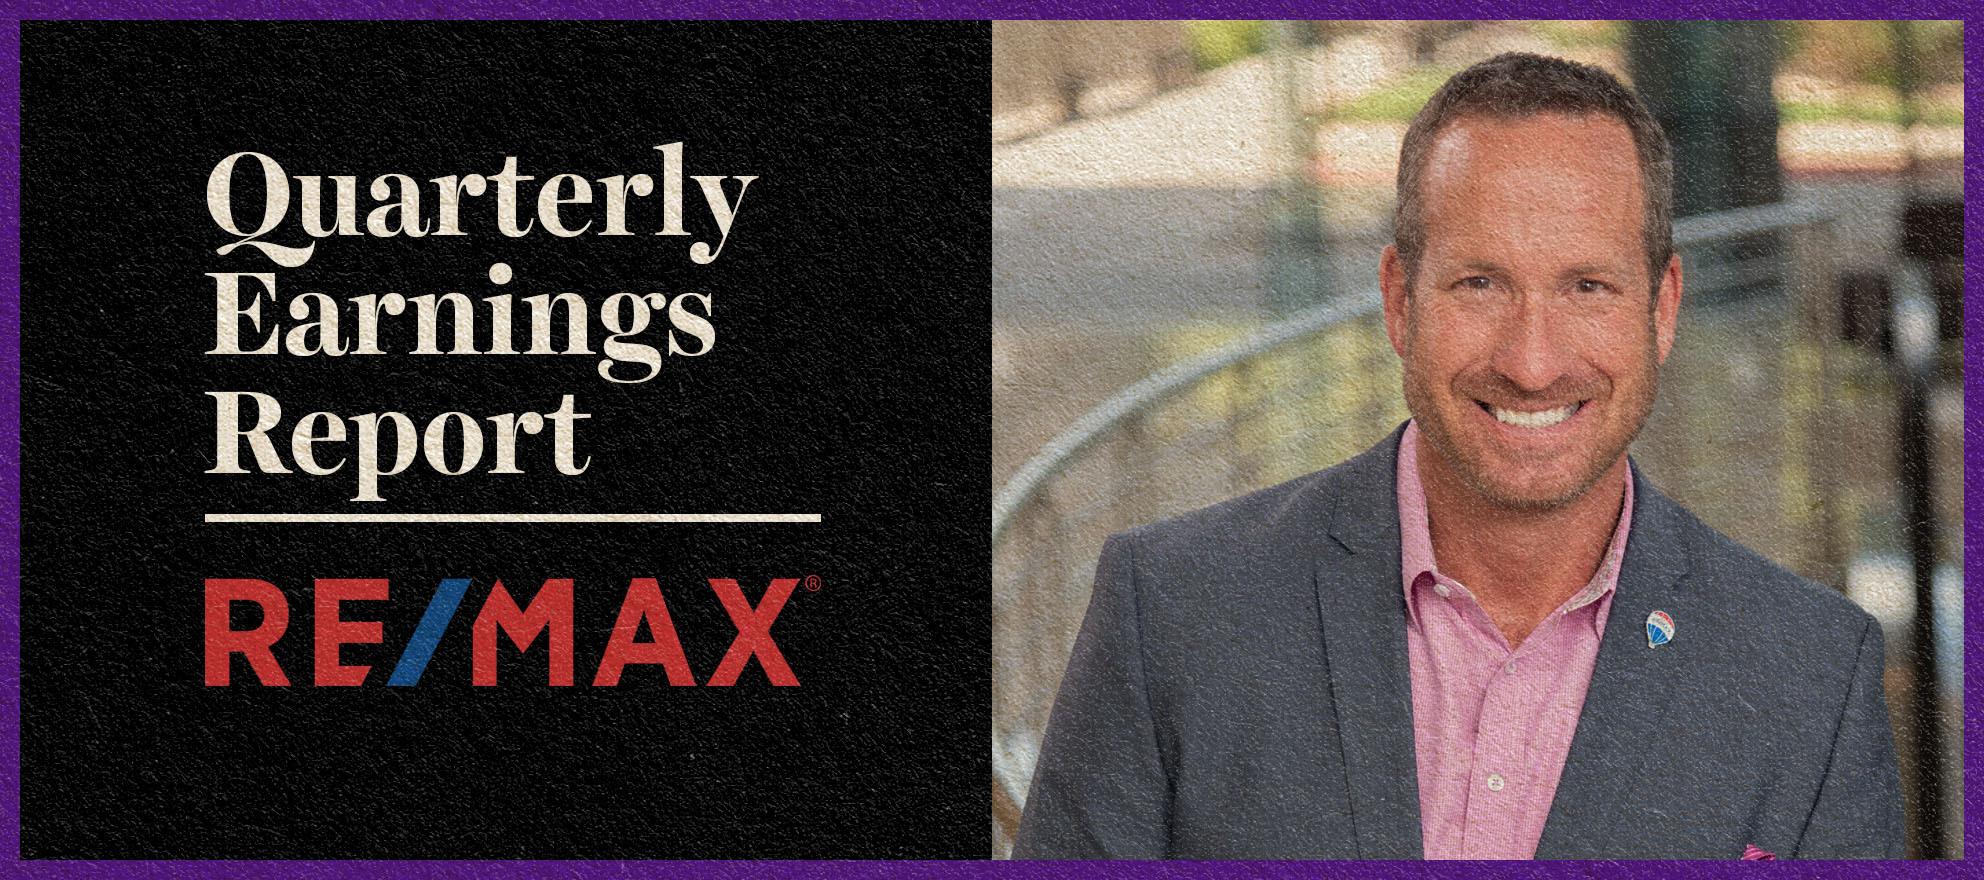 RE/MAX just beats Q4 expectations